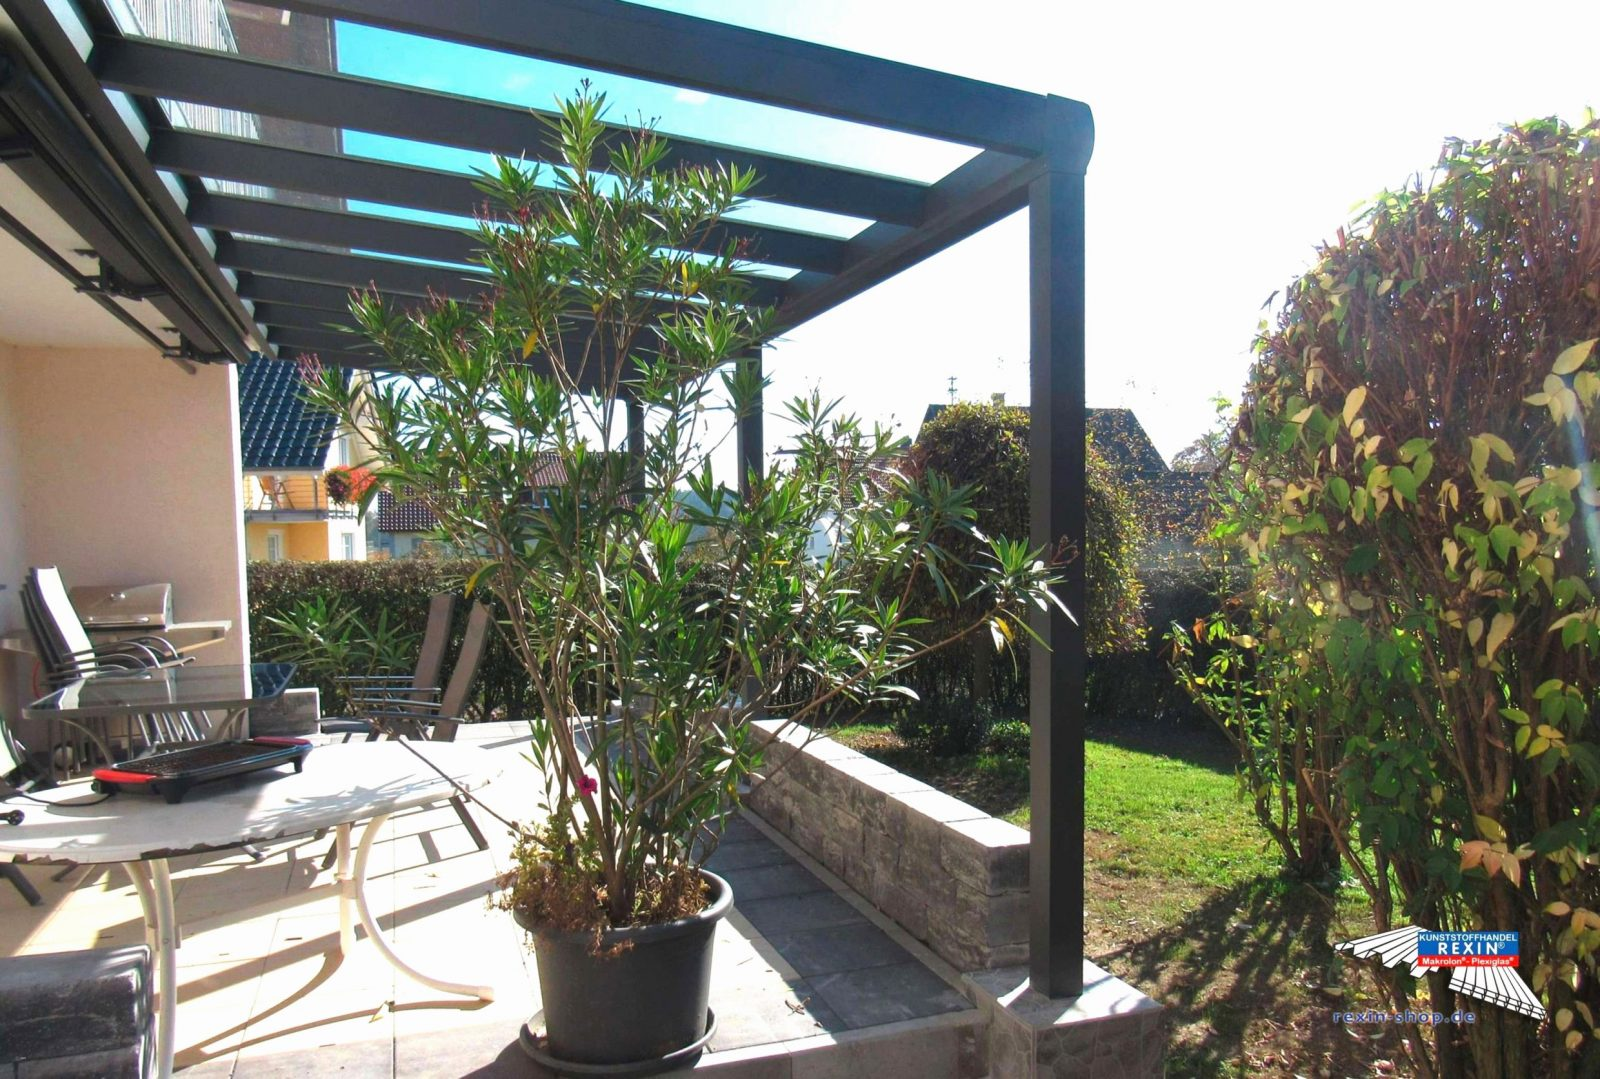 Sonnensegel Balkon Ohne Bohren Einzigartig Befestigung Sonnensegel von Sonnensegel Balkon Ohne Bohren Bild